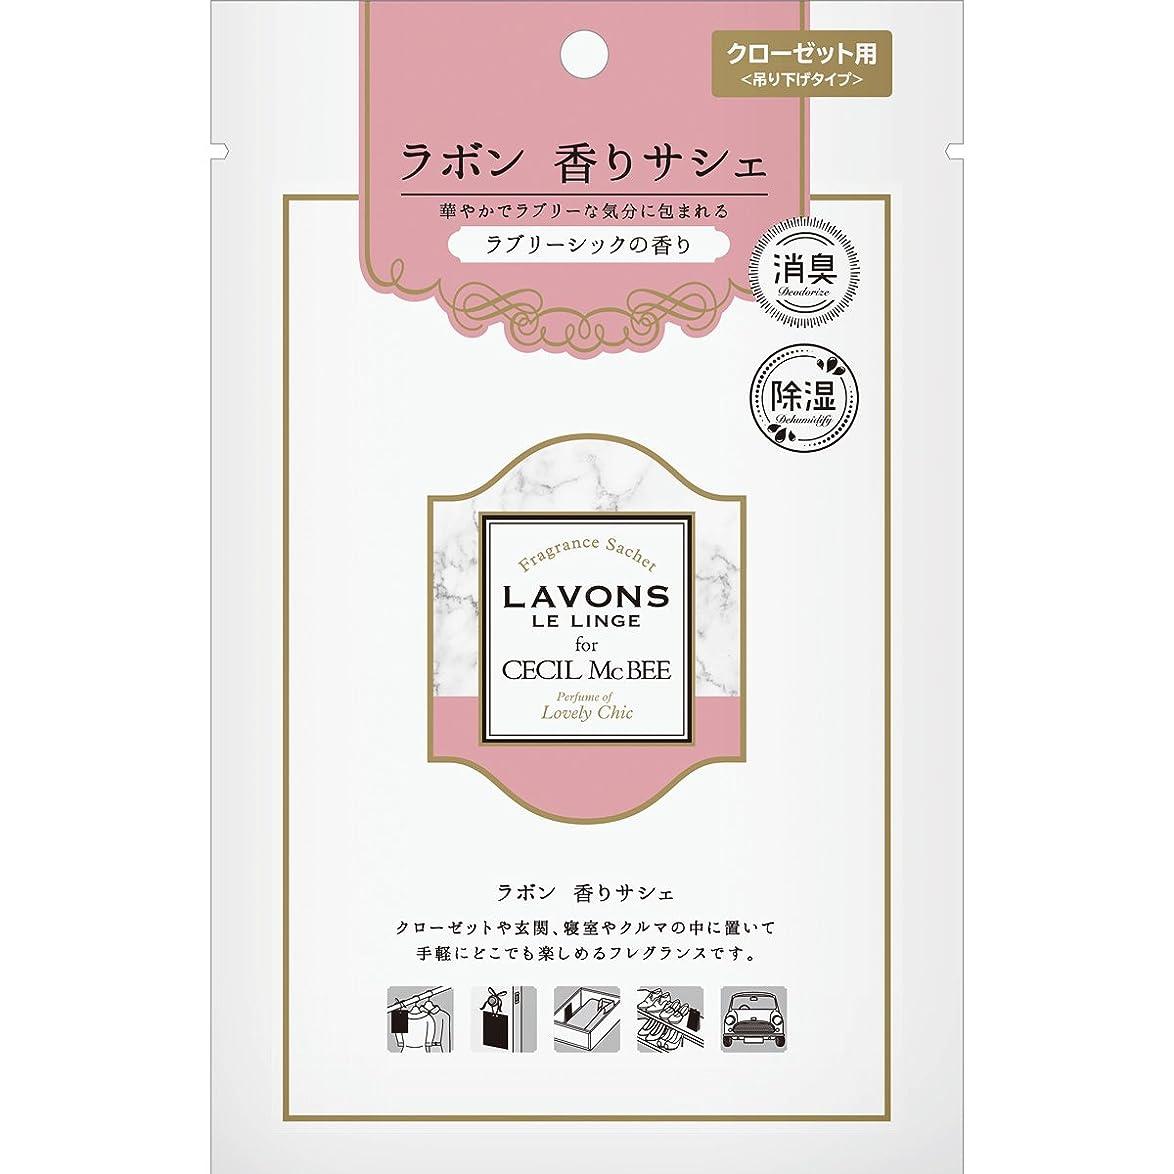 ラボン for CECIL McBEE 香りサシェ (香り袋) ラブリーシックの香り 20g